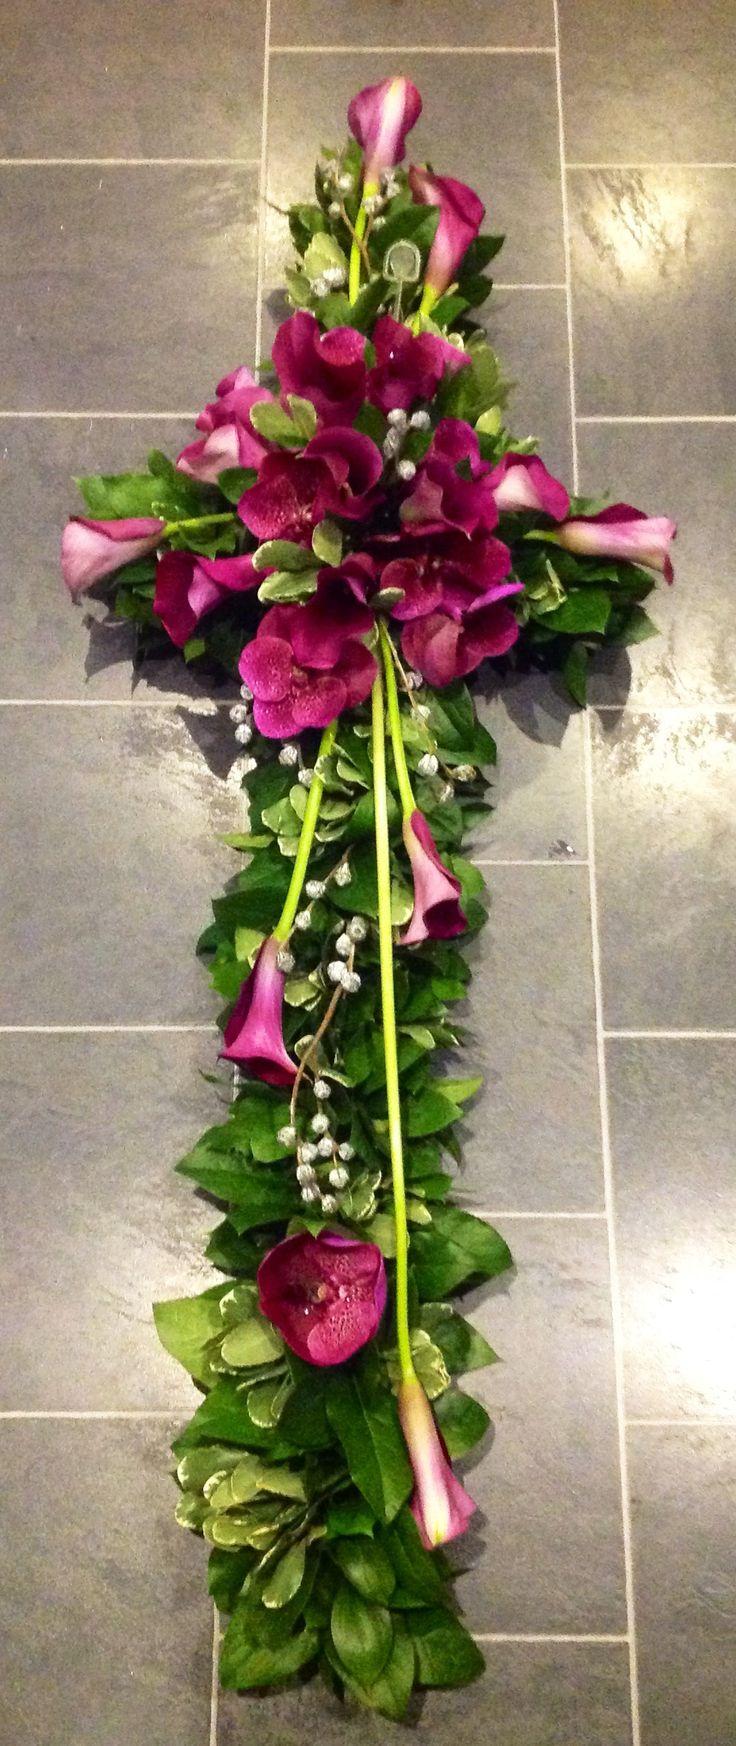 Florystyka Żałobna KOMPOZYCJA KWIATOWA ' funeral sprays, cros & wreaths                                                                                                                                                      More